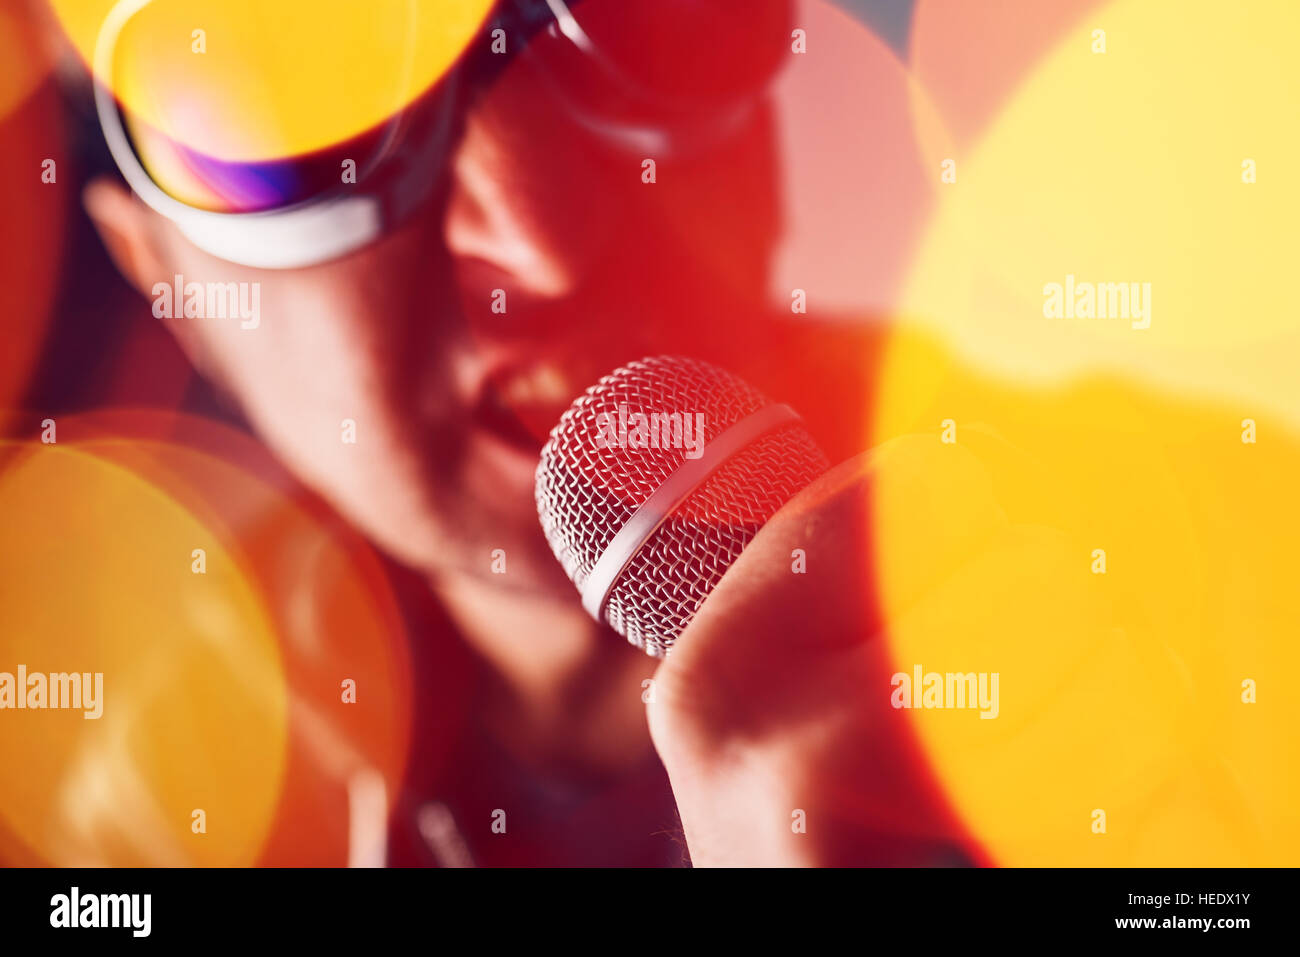 La musique rock alternative chanson chant chanteur au micro, effet de lumière et de flou selective focus Photo Stock